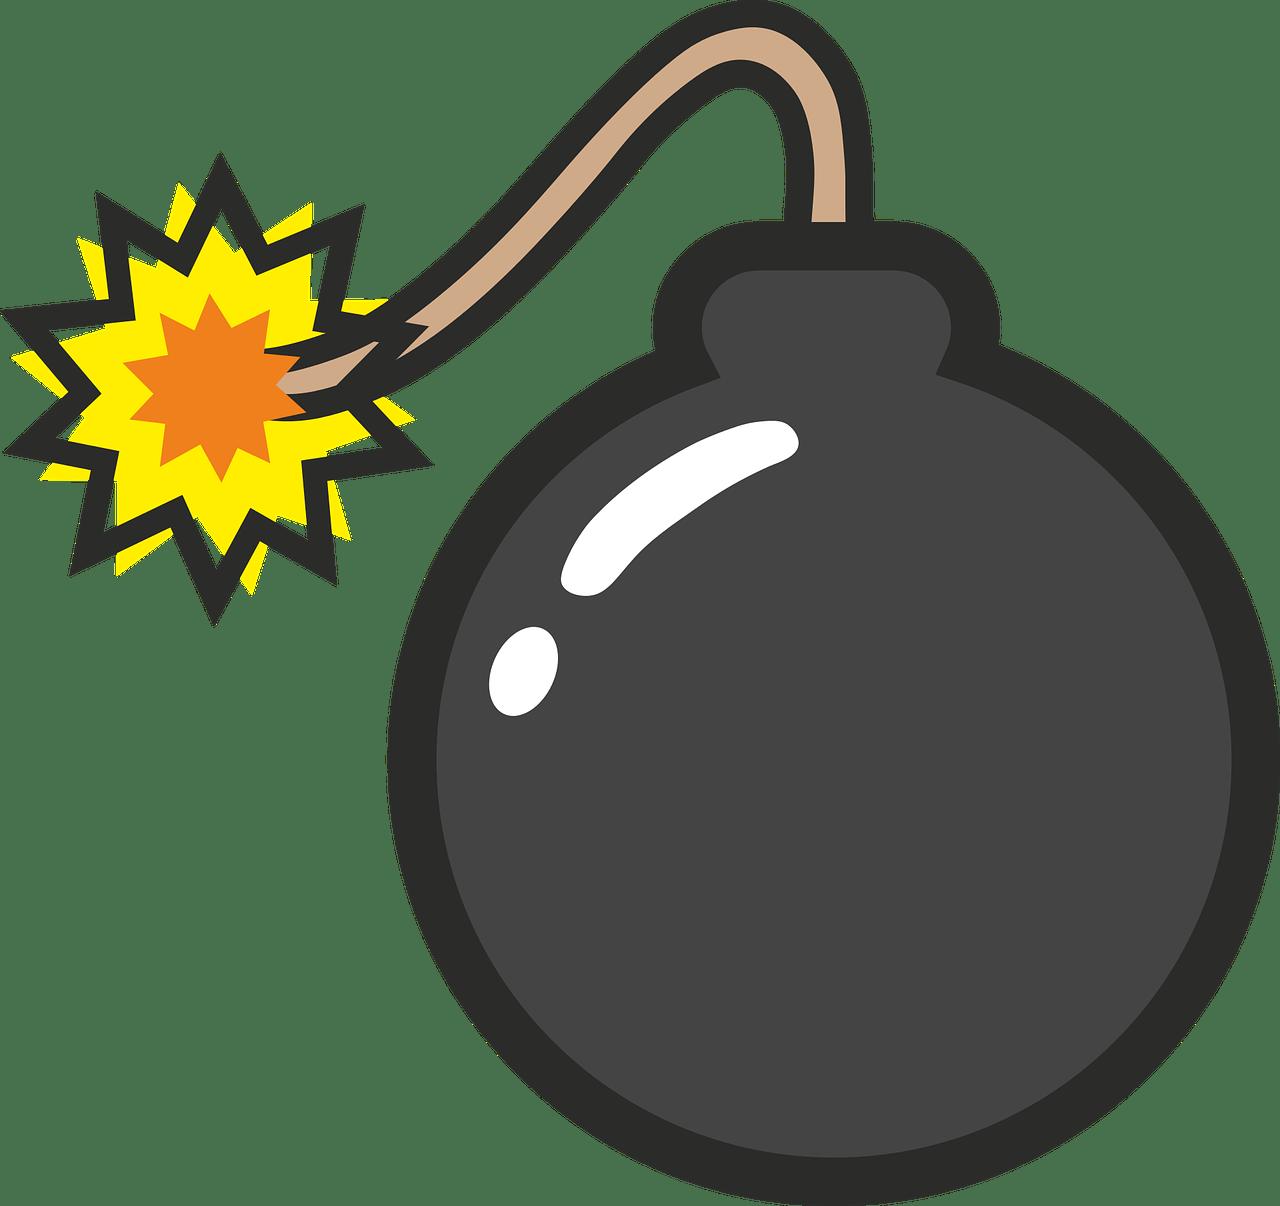 Icono que representa una bomba